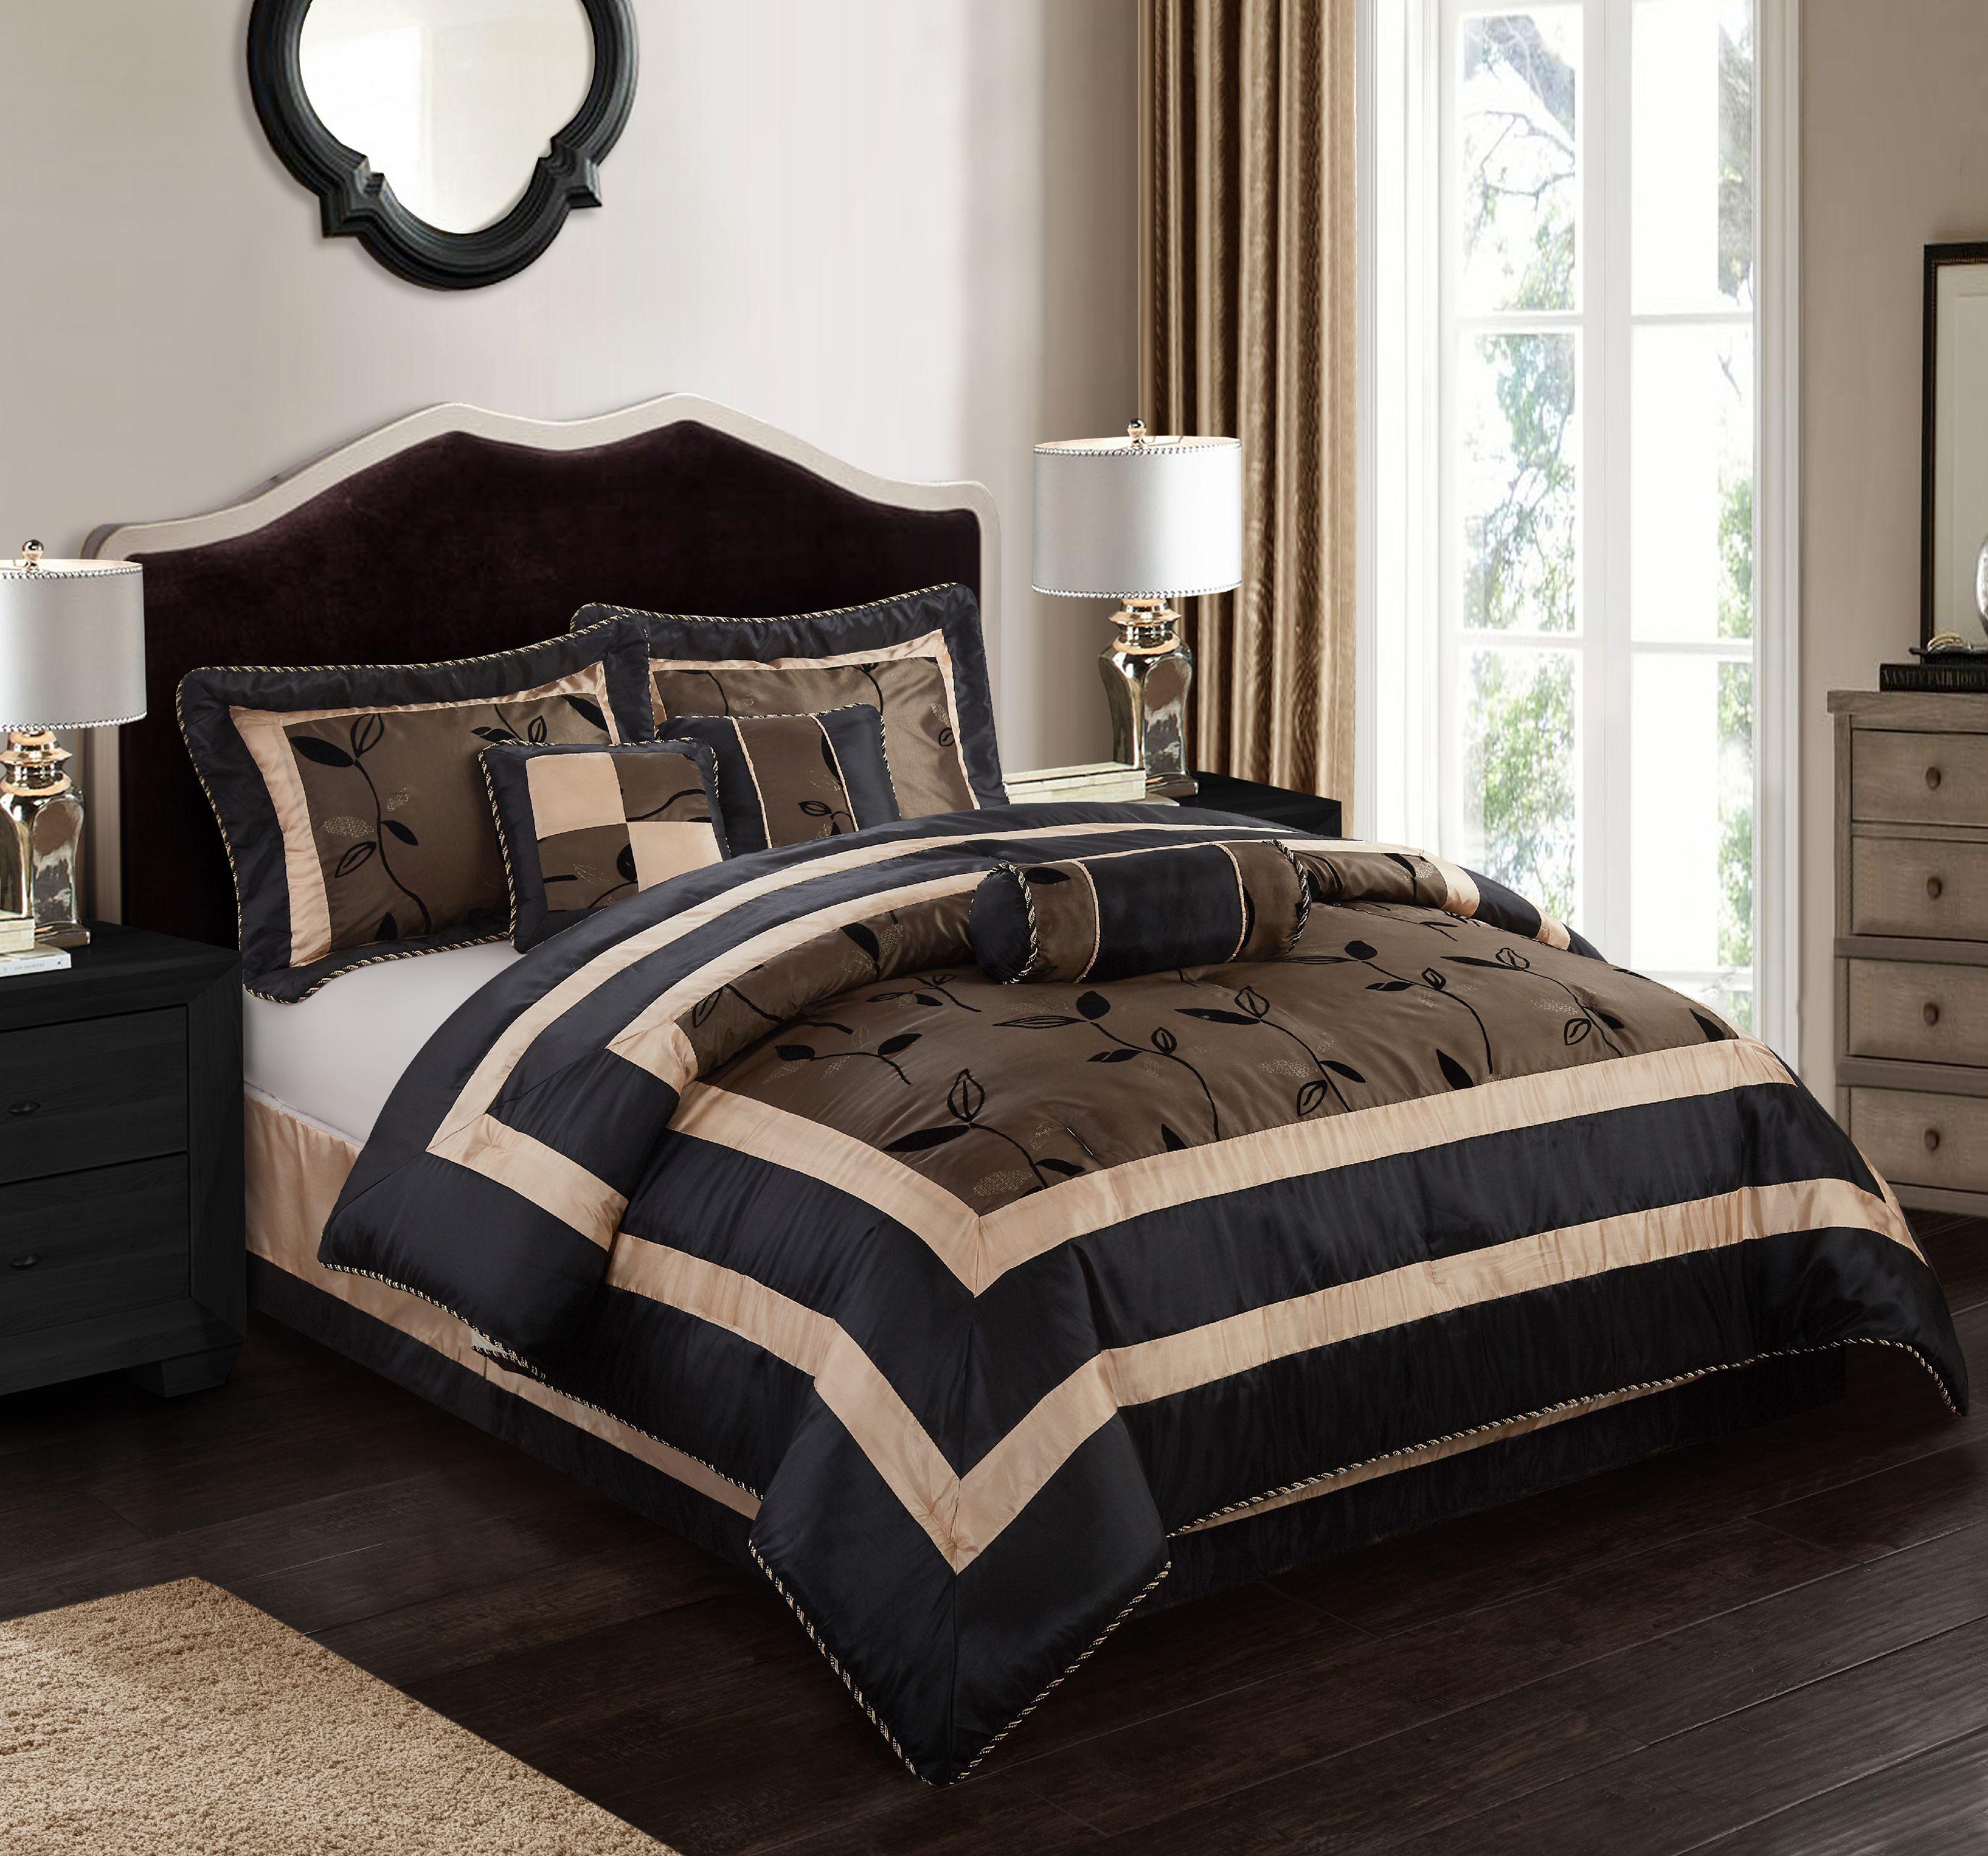 Nanshing Pastora 7-Piece Comforter